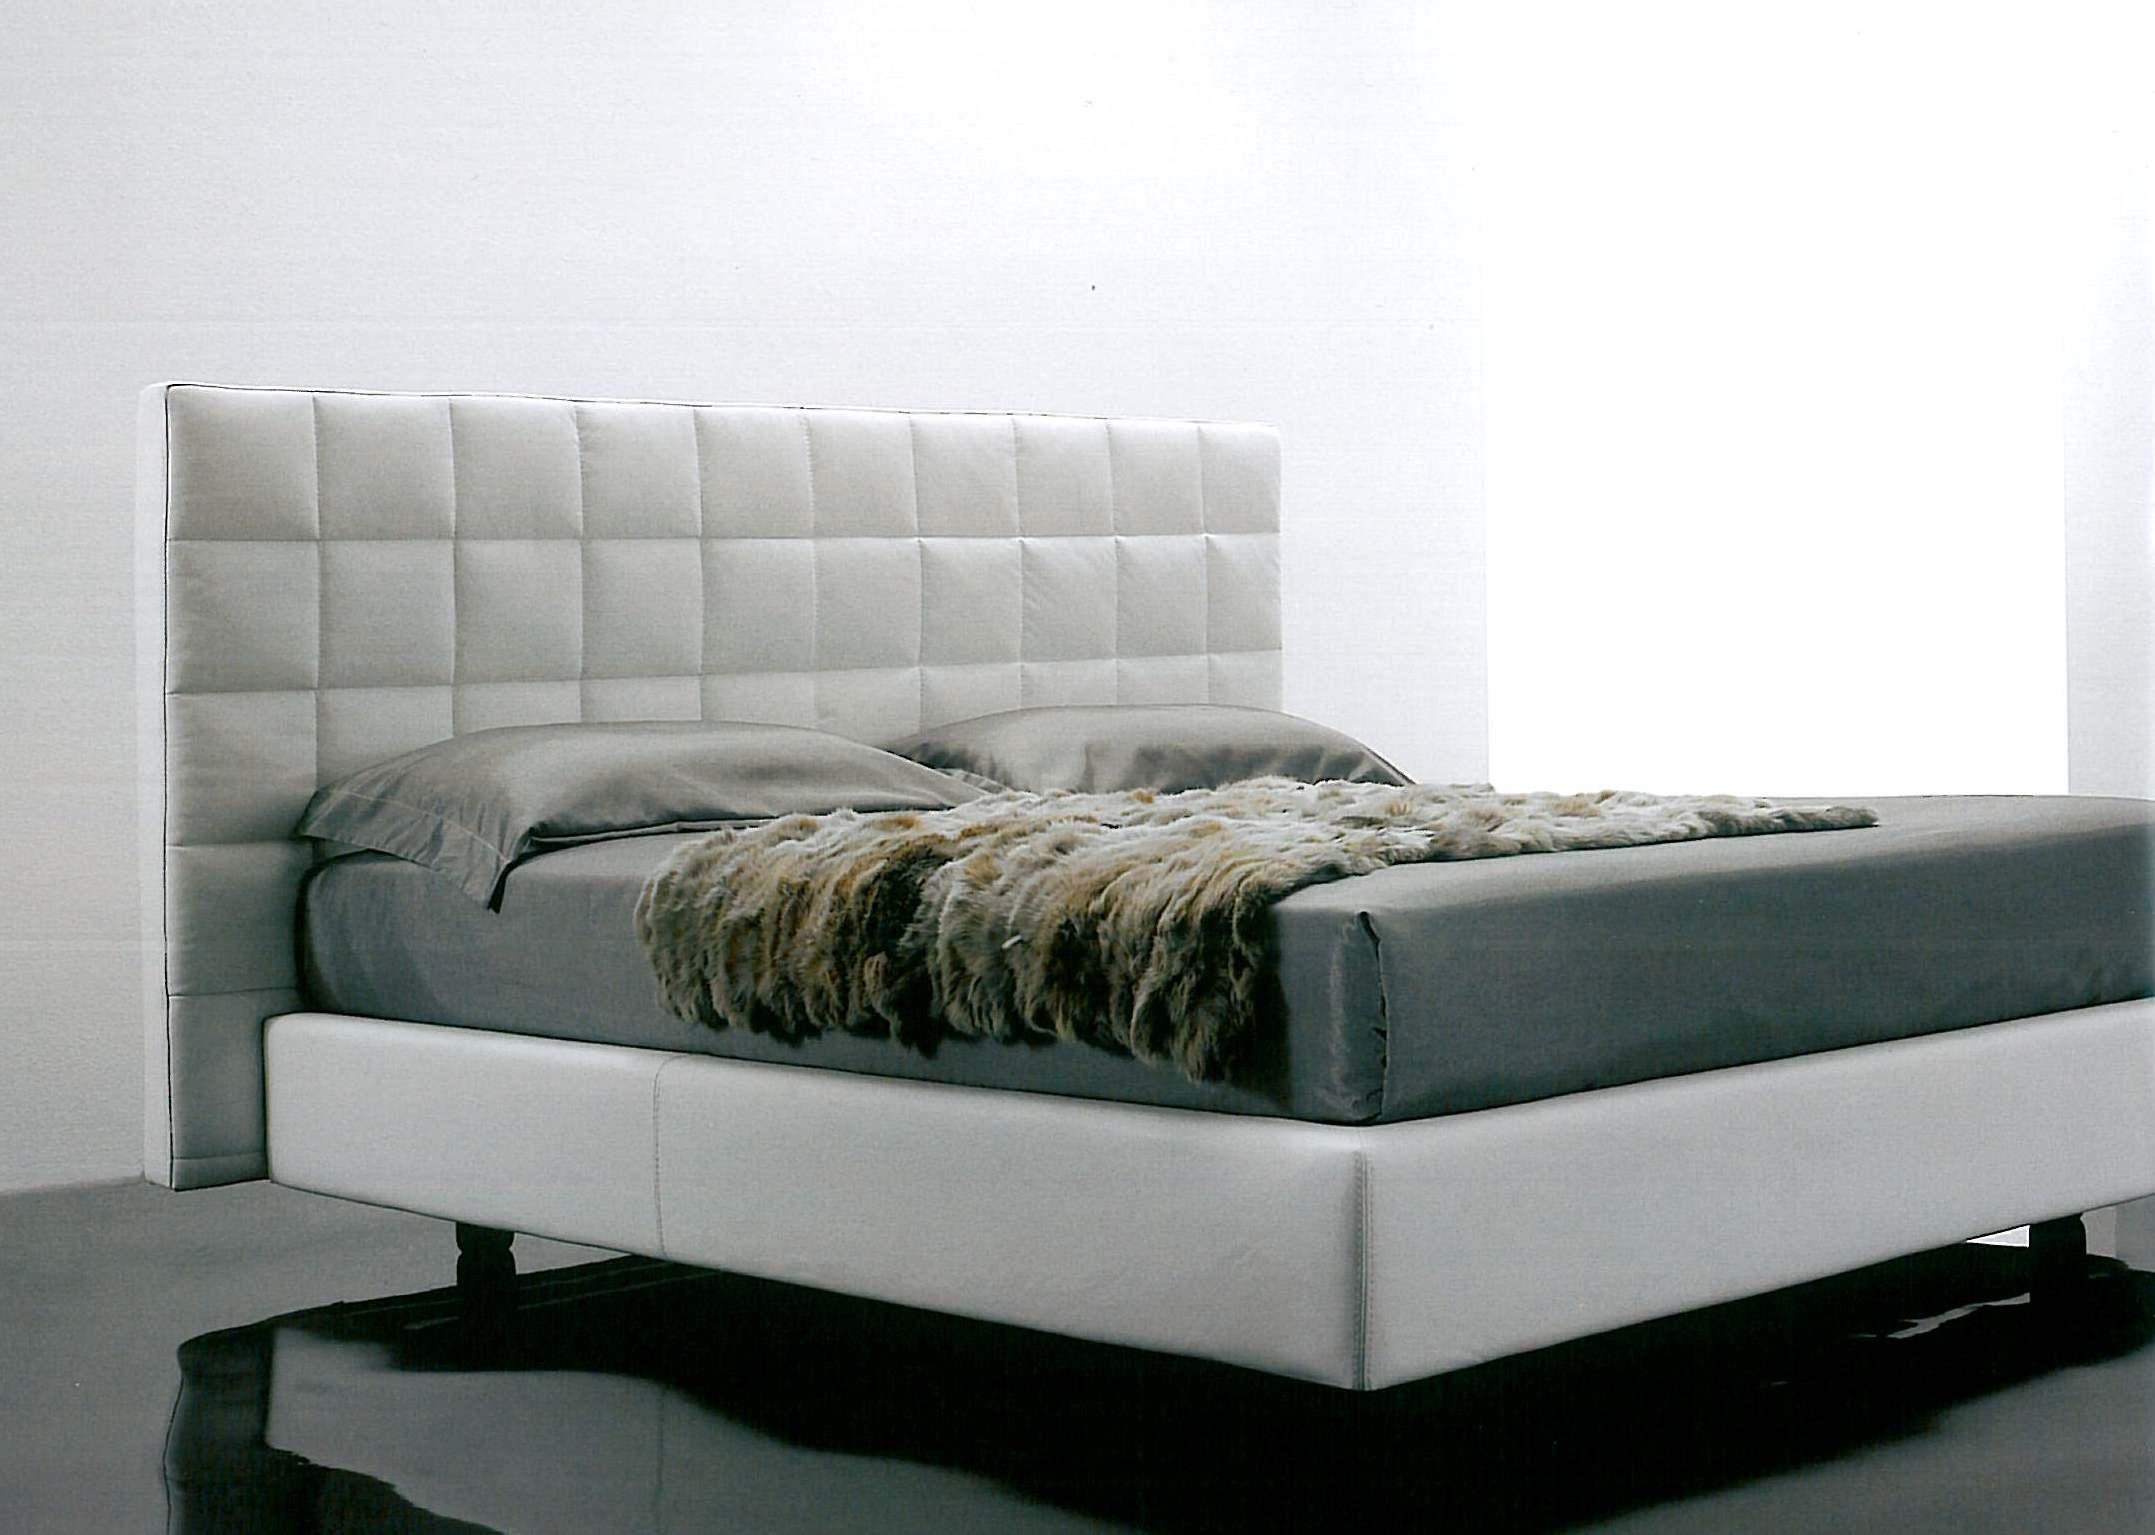 Doorslaggevende punten voor het kiezen van een matras wonen - Het kiezen van kleuren voor een kamer ...